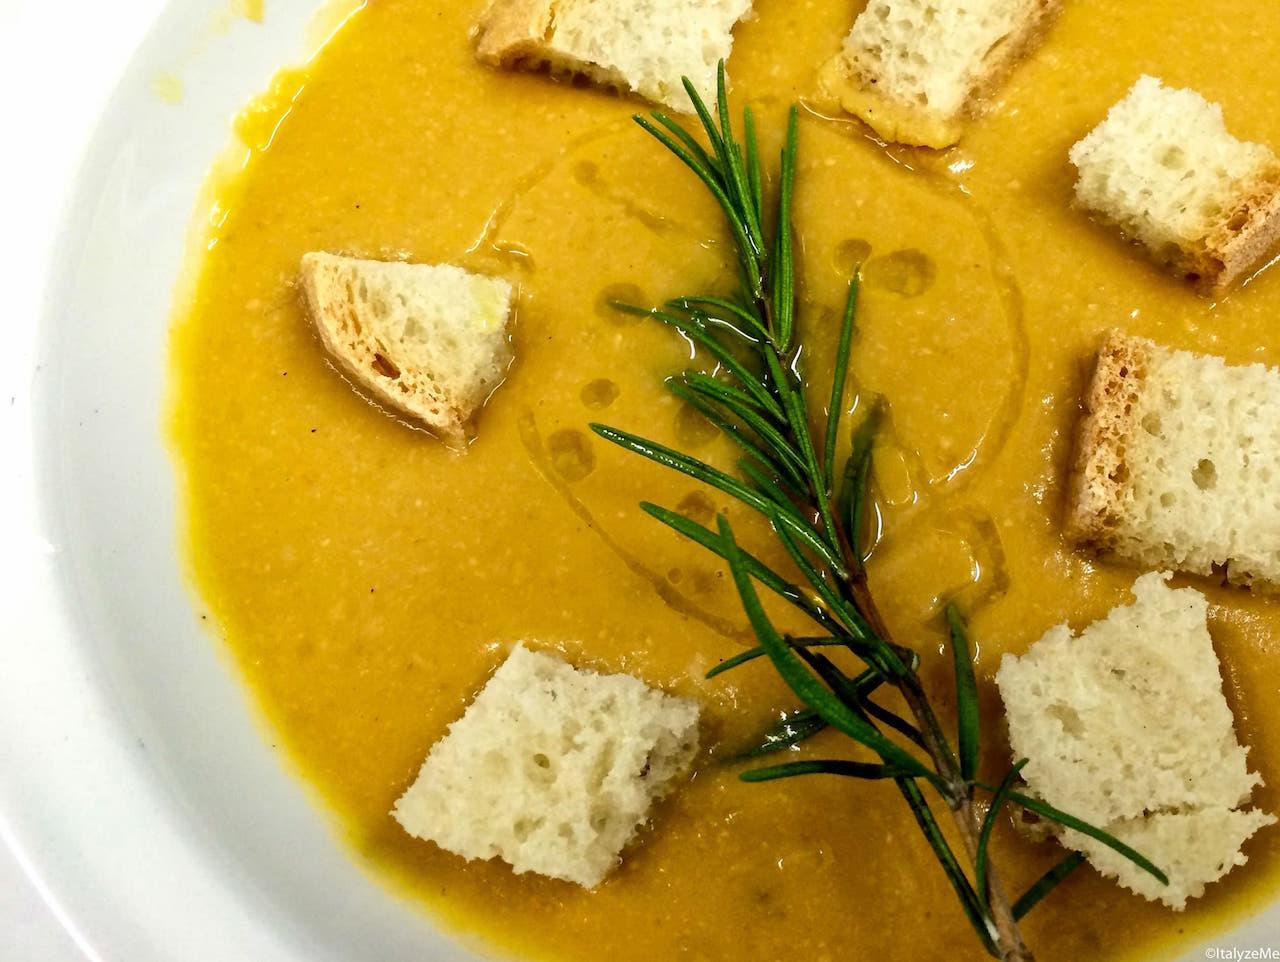 Le zuppe di legumi erano e sono tutt'ora un alimento alla base della cucina toscana